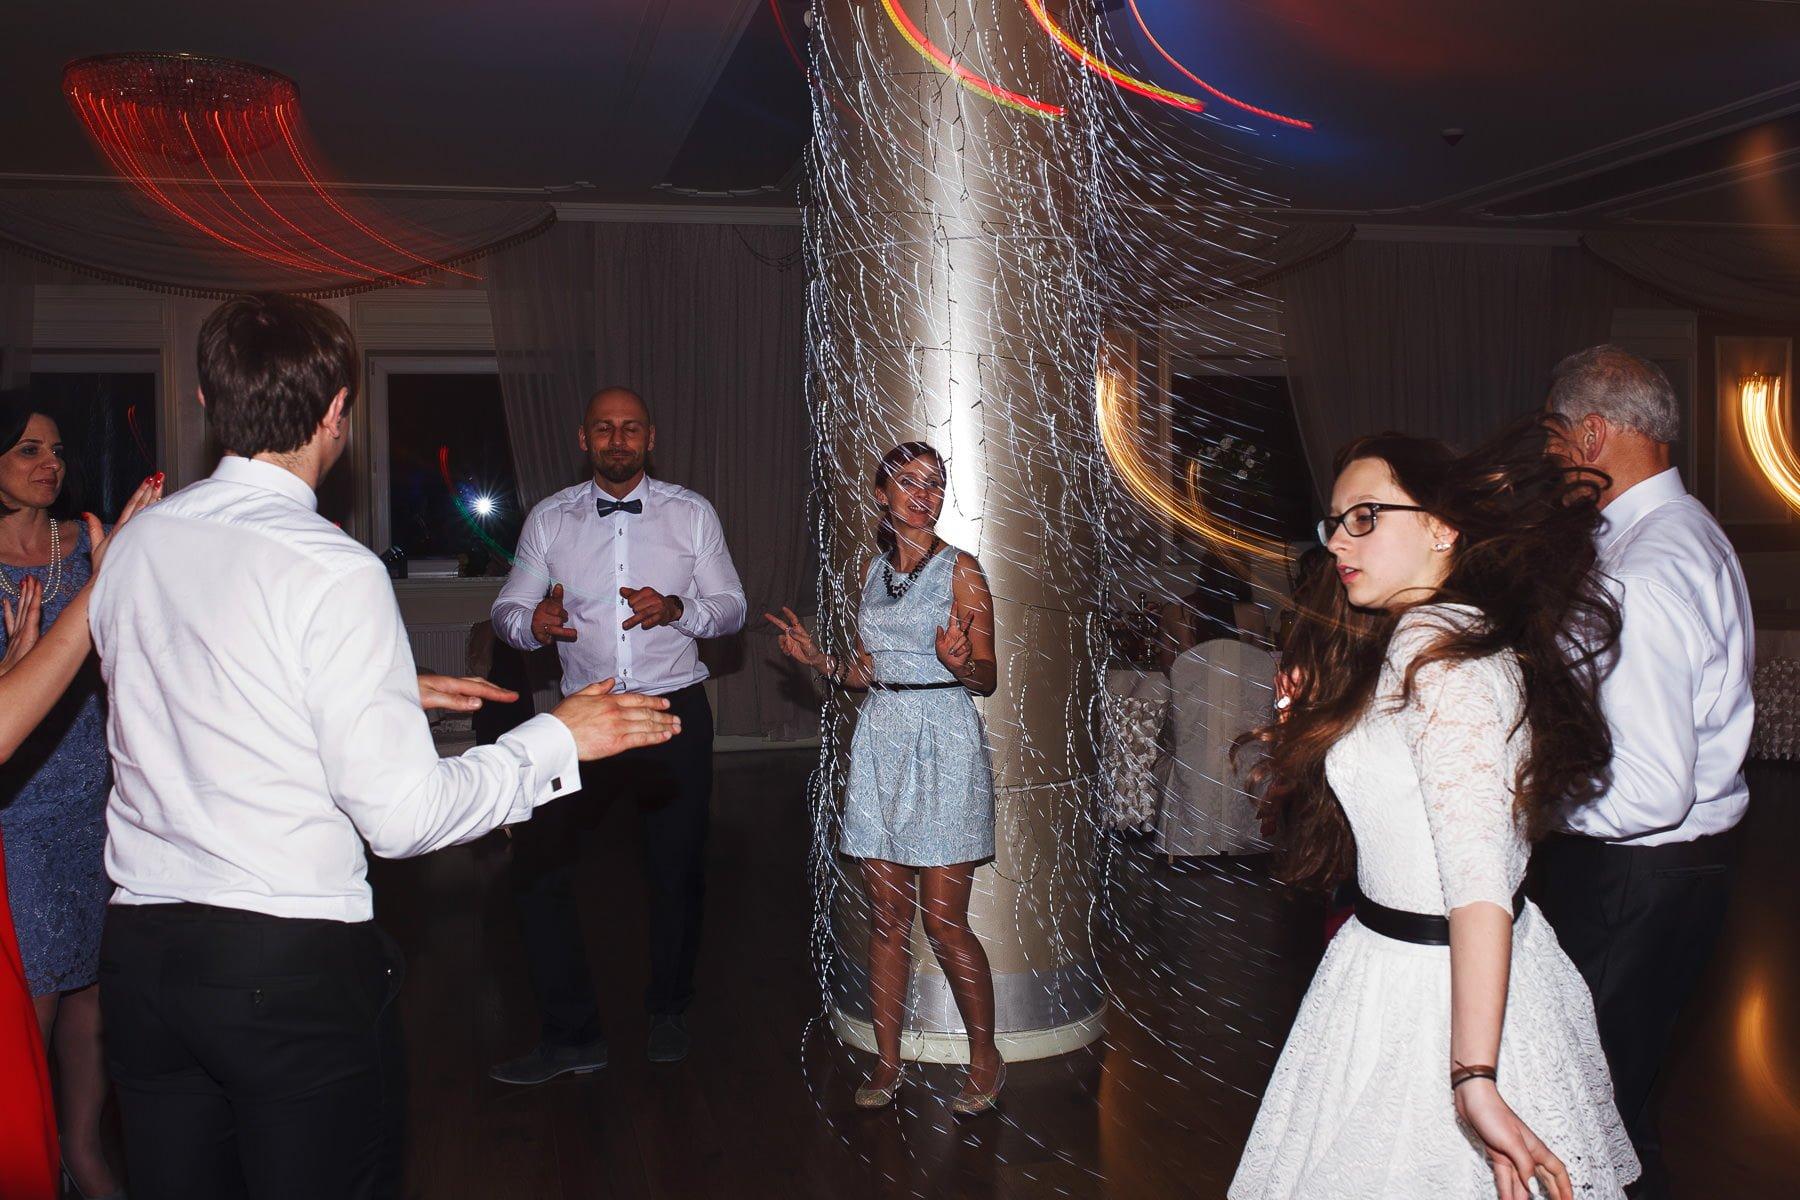 fotograf slub bielsko biala ania maciej 170 - Ślub w Bielsku-Białej - ANIA & MACIEJ